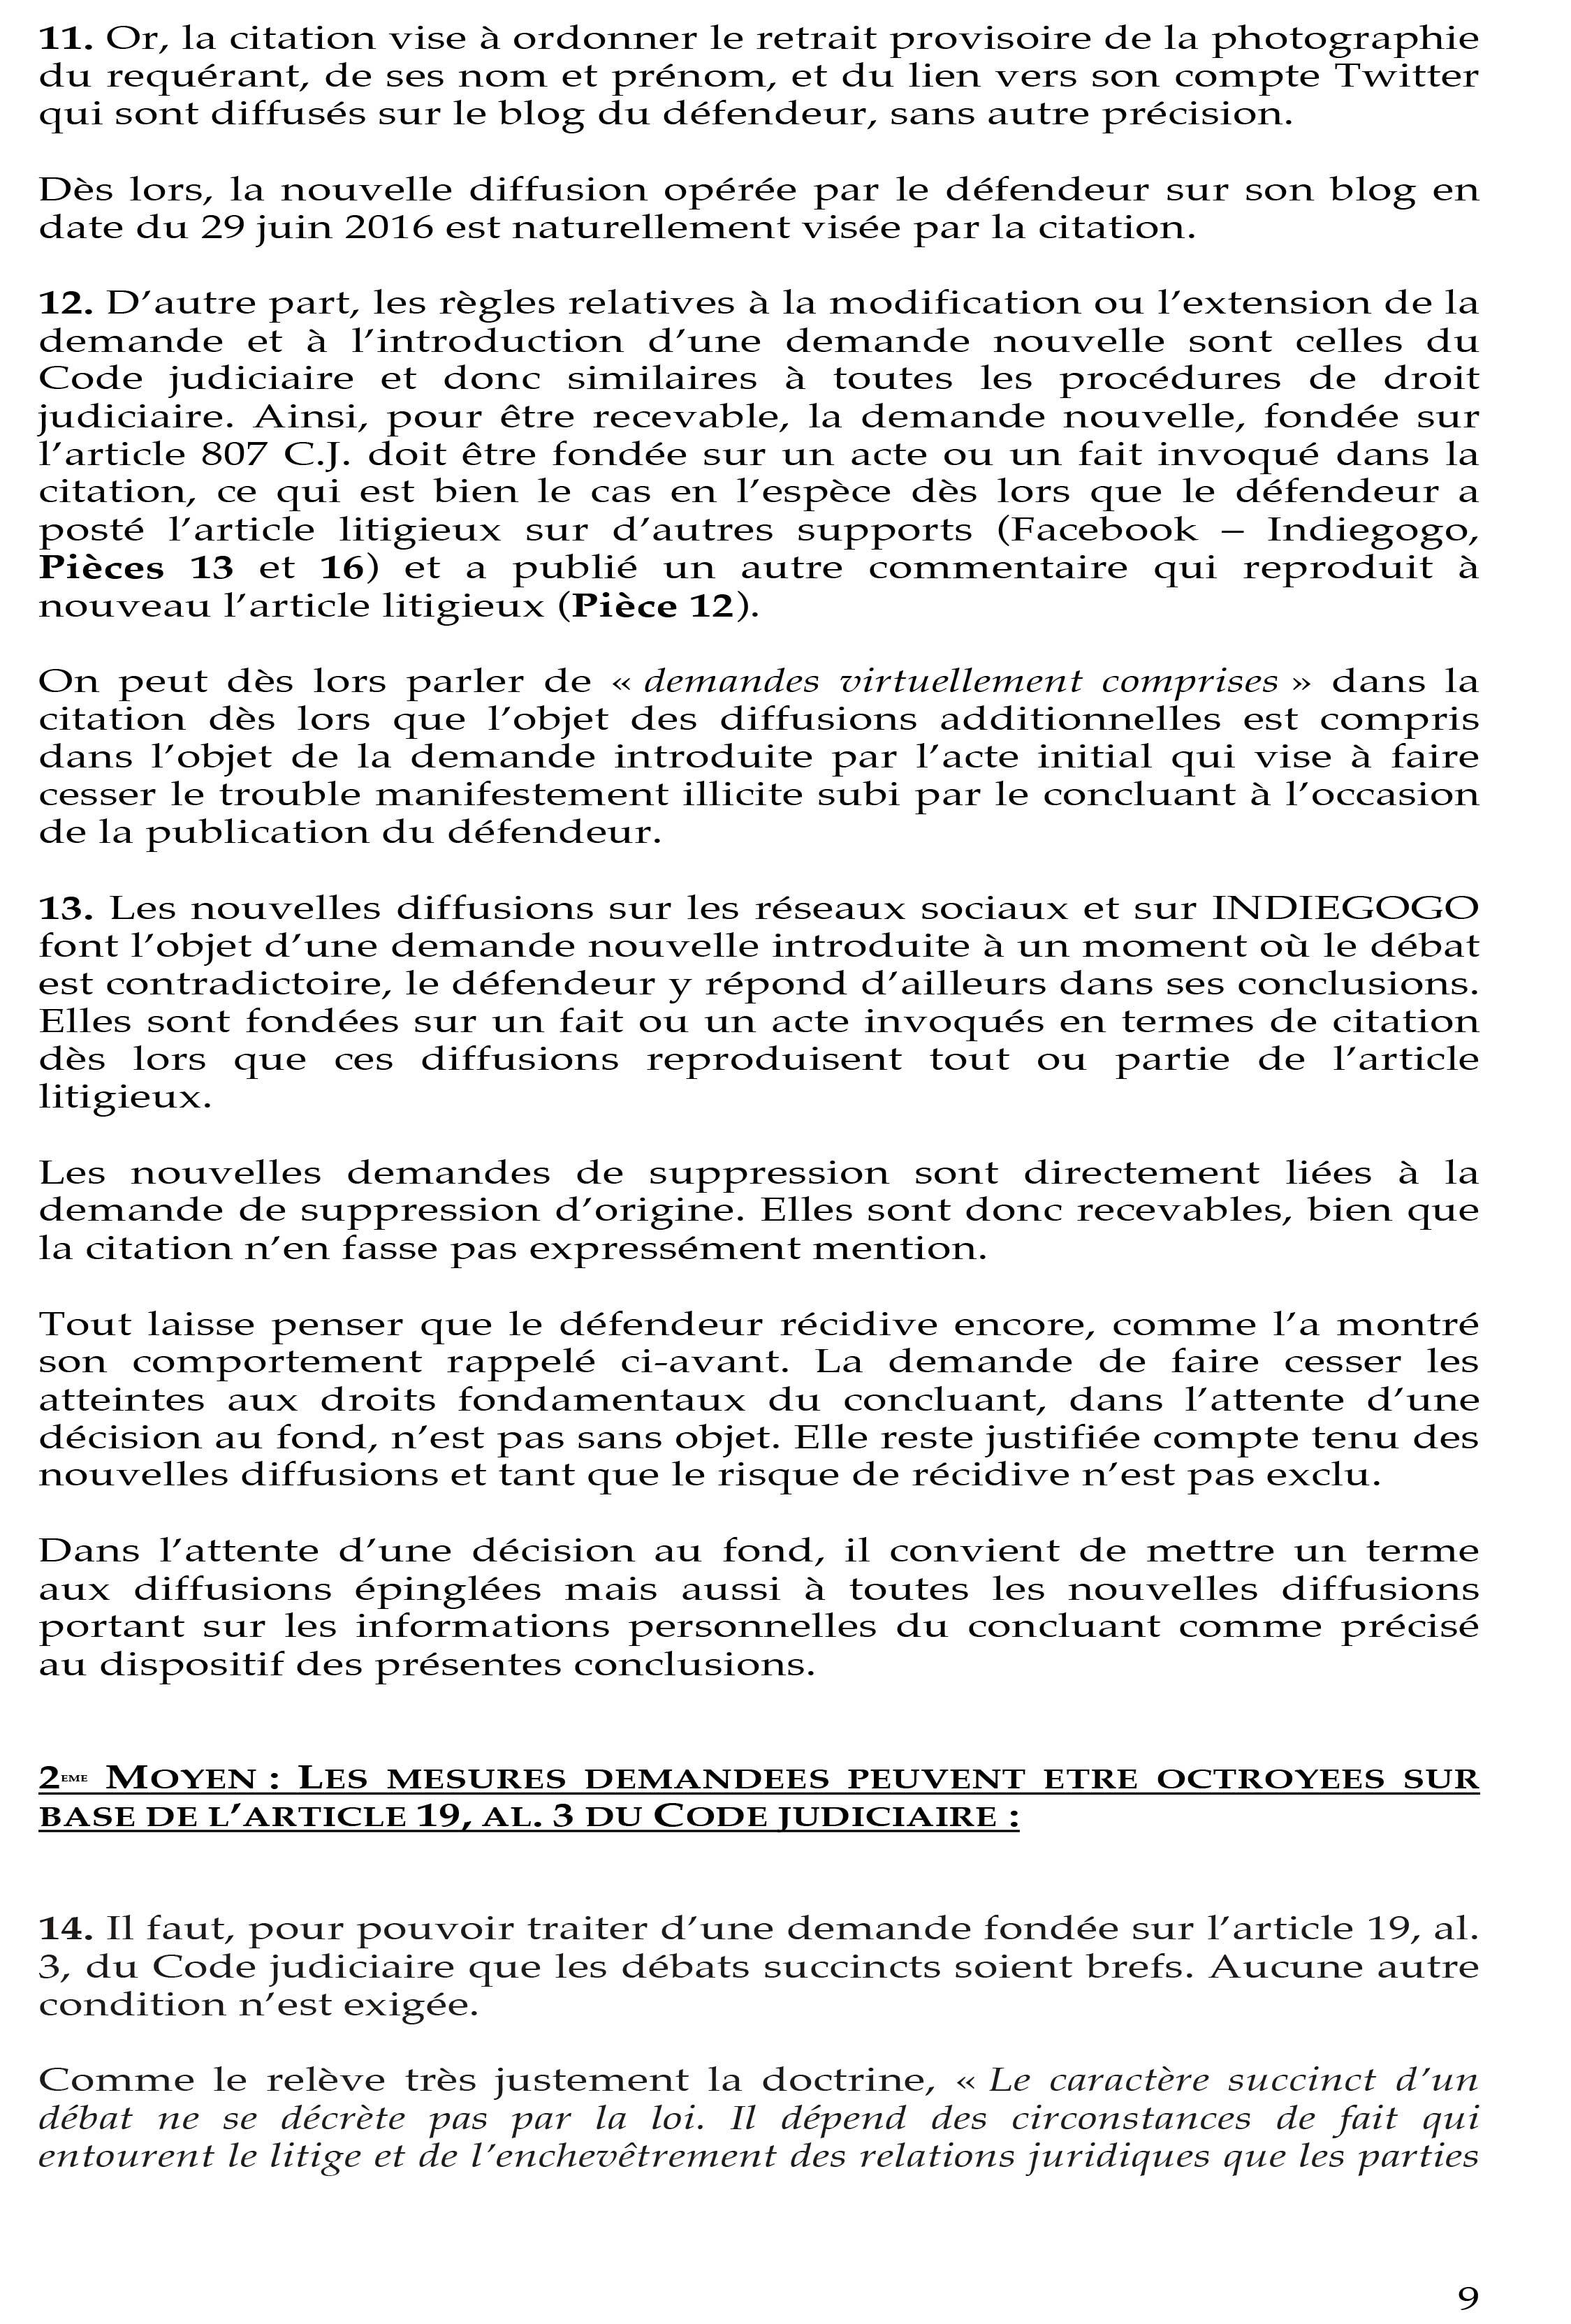 npsp-2016-09-30-ccl1-pa-9